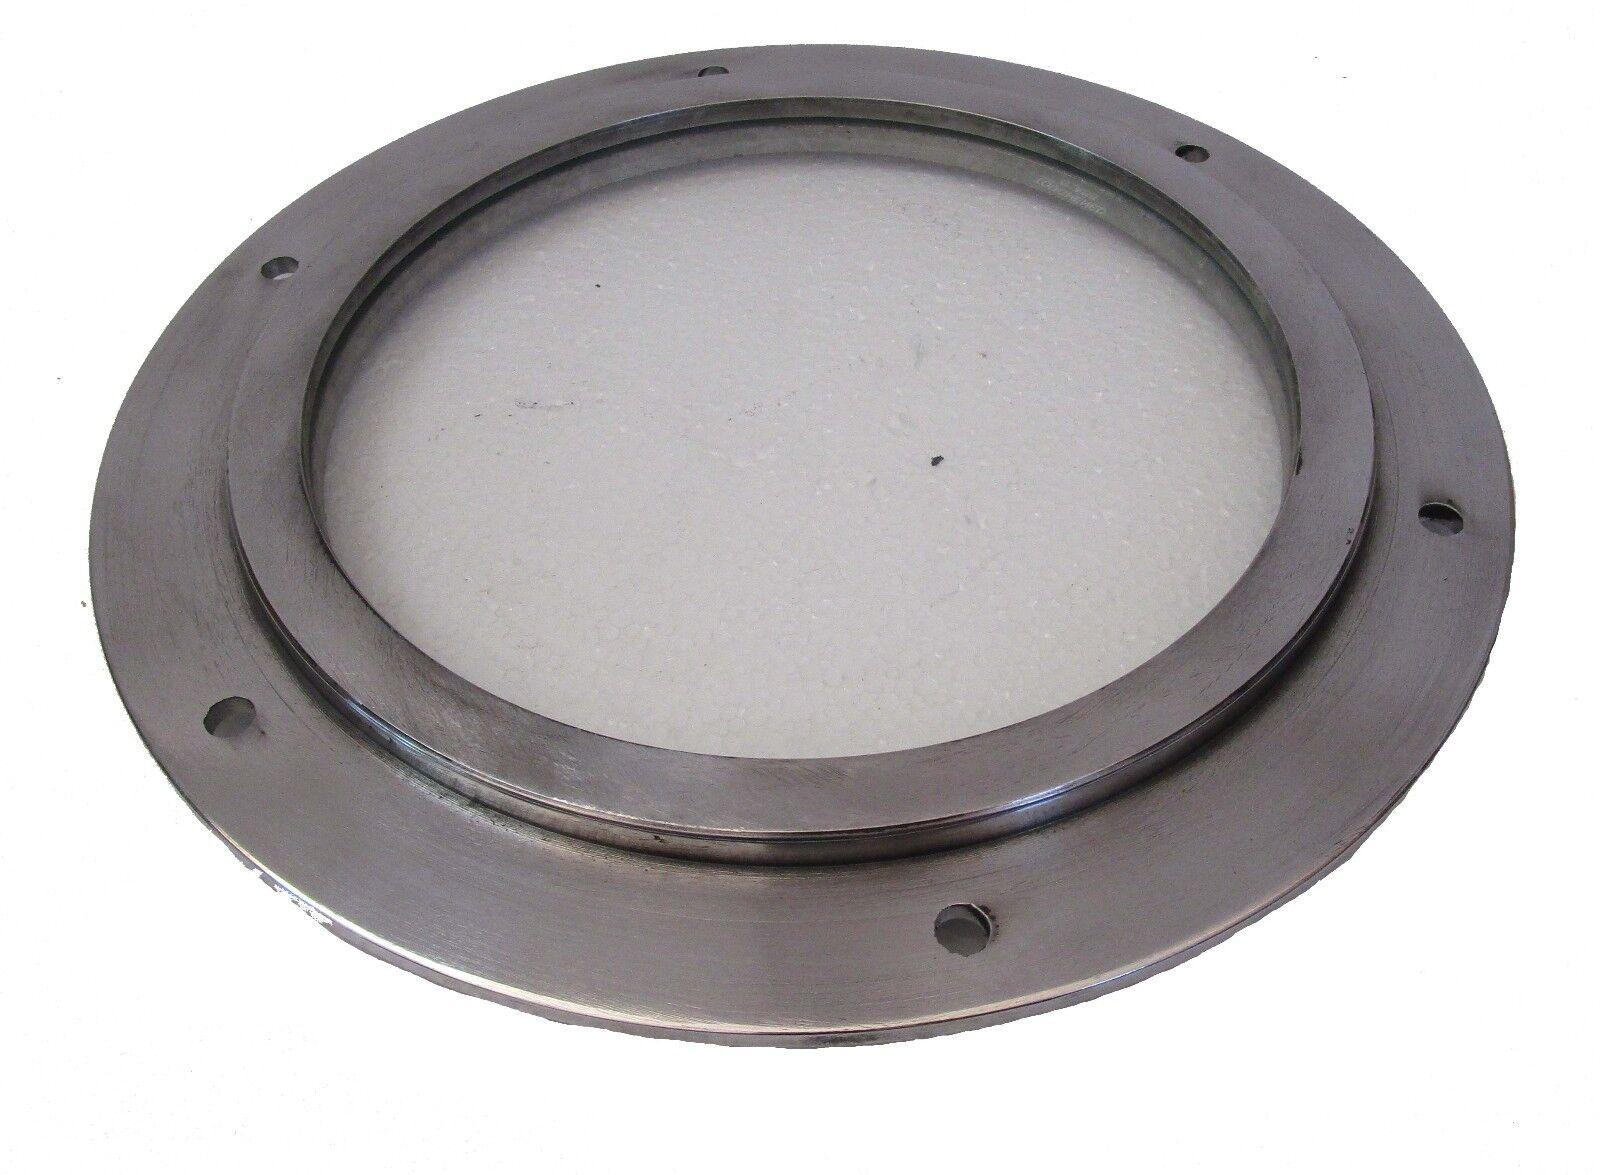 Marine  PORT HOLE   Window   Porthole -  8 INCHES - 100% SATISFACTION (5220)